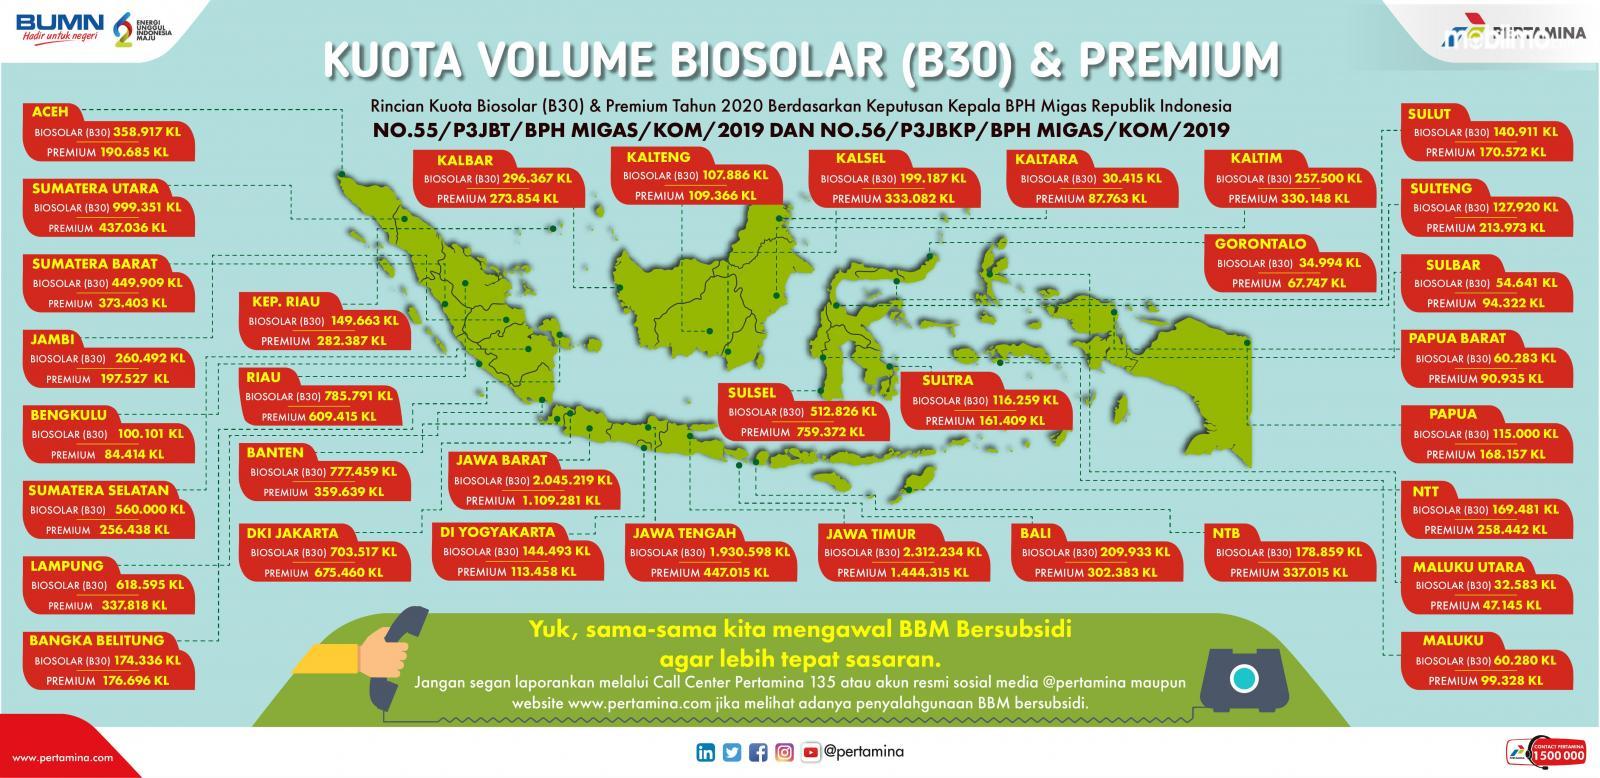 Gambar grafis kuota BBM Biosolar B30 dan Premium di seluruh Indonesia